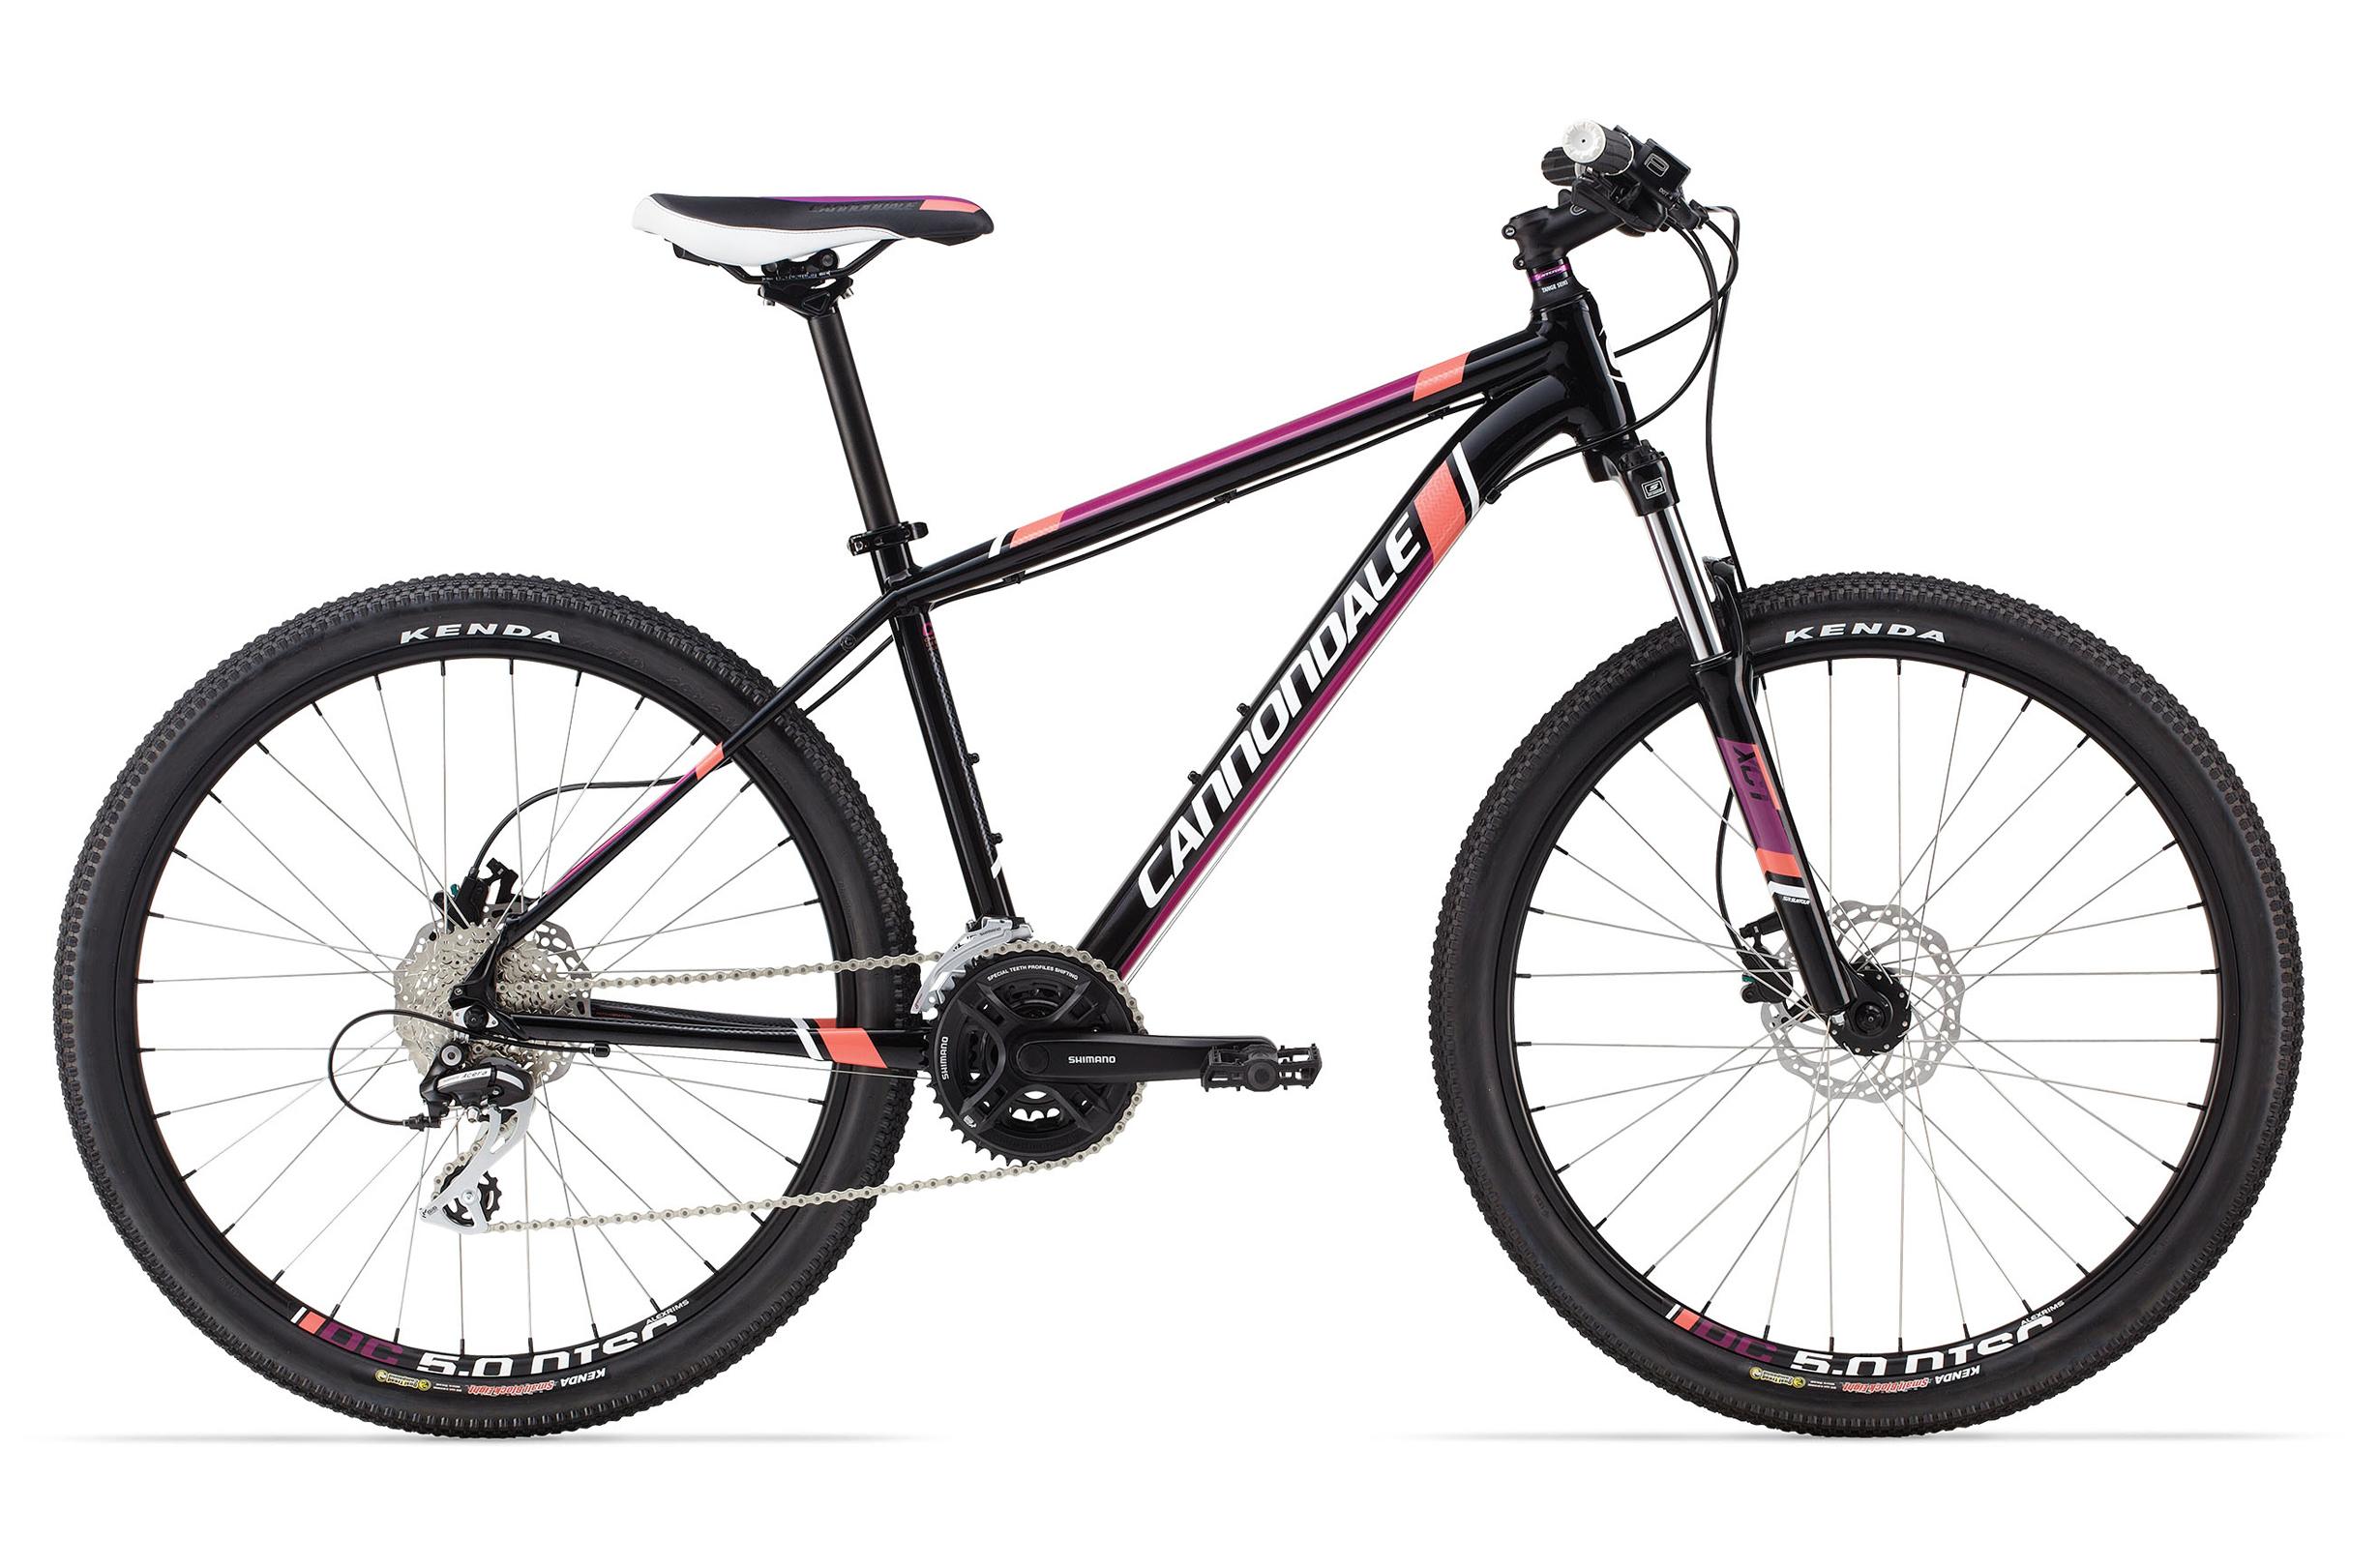 Stolen 2014 Cannondale Trail 6